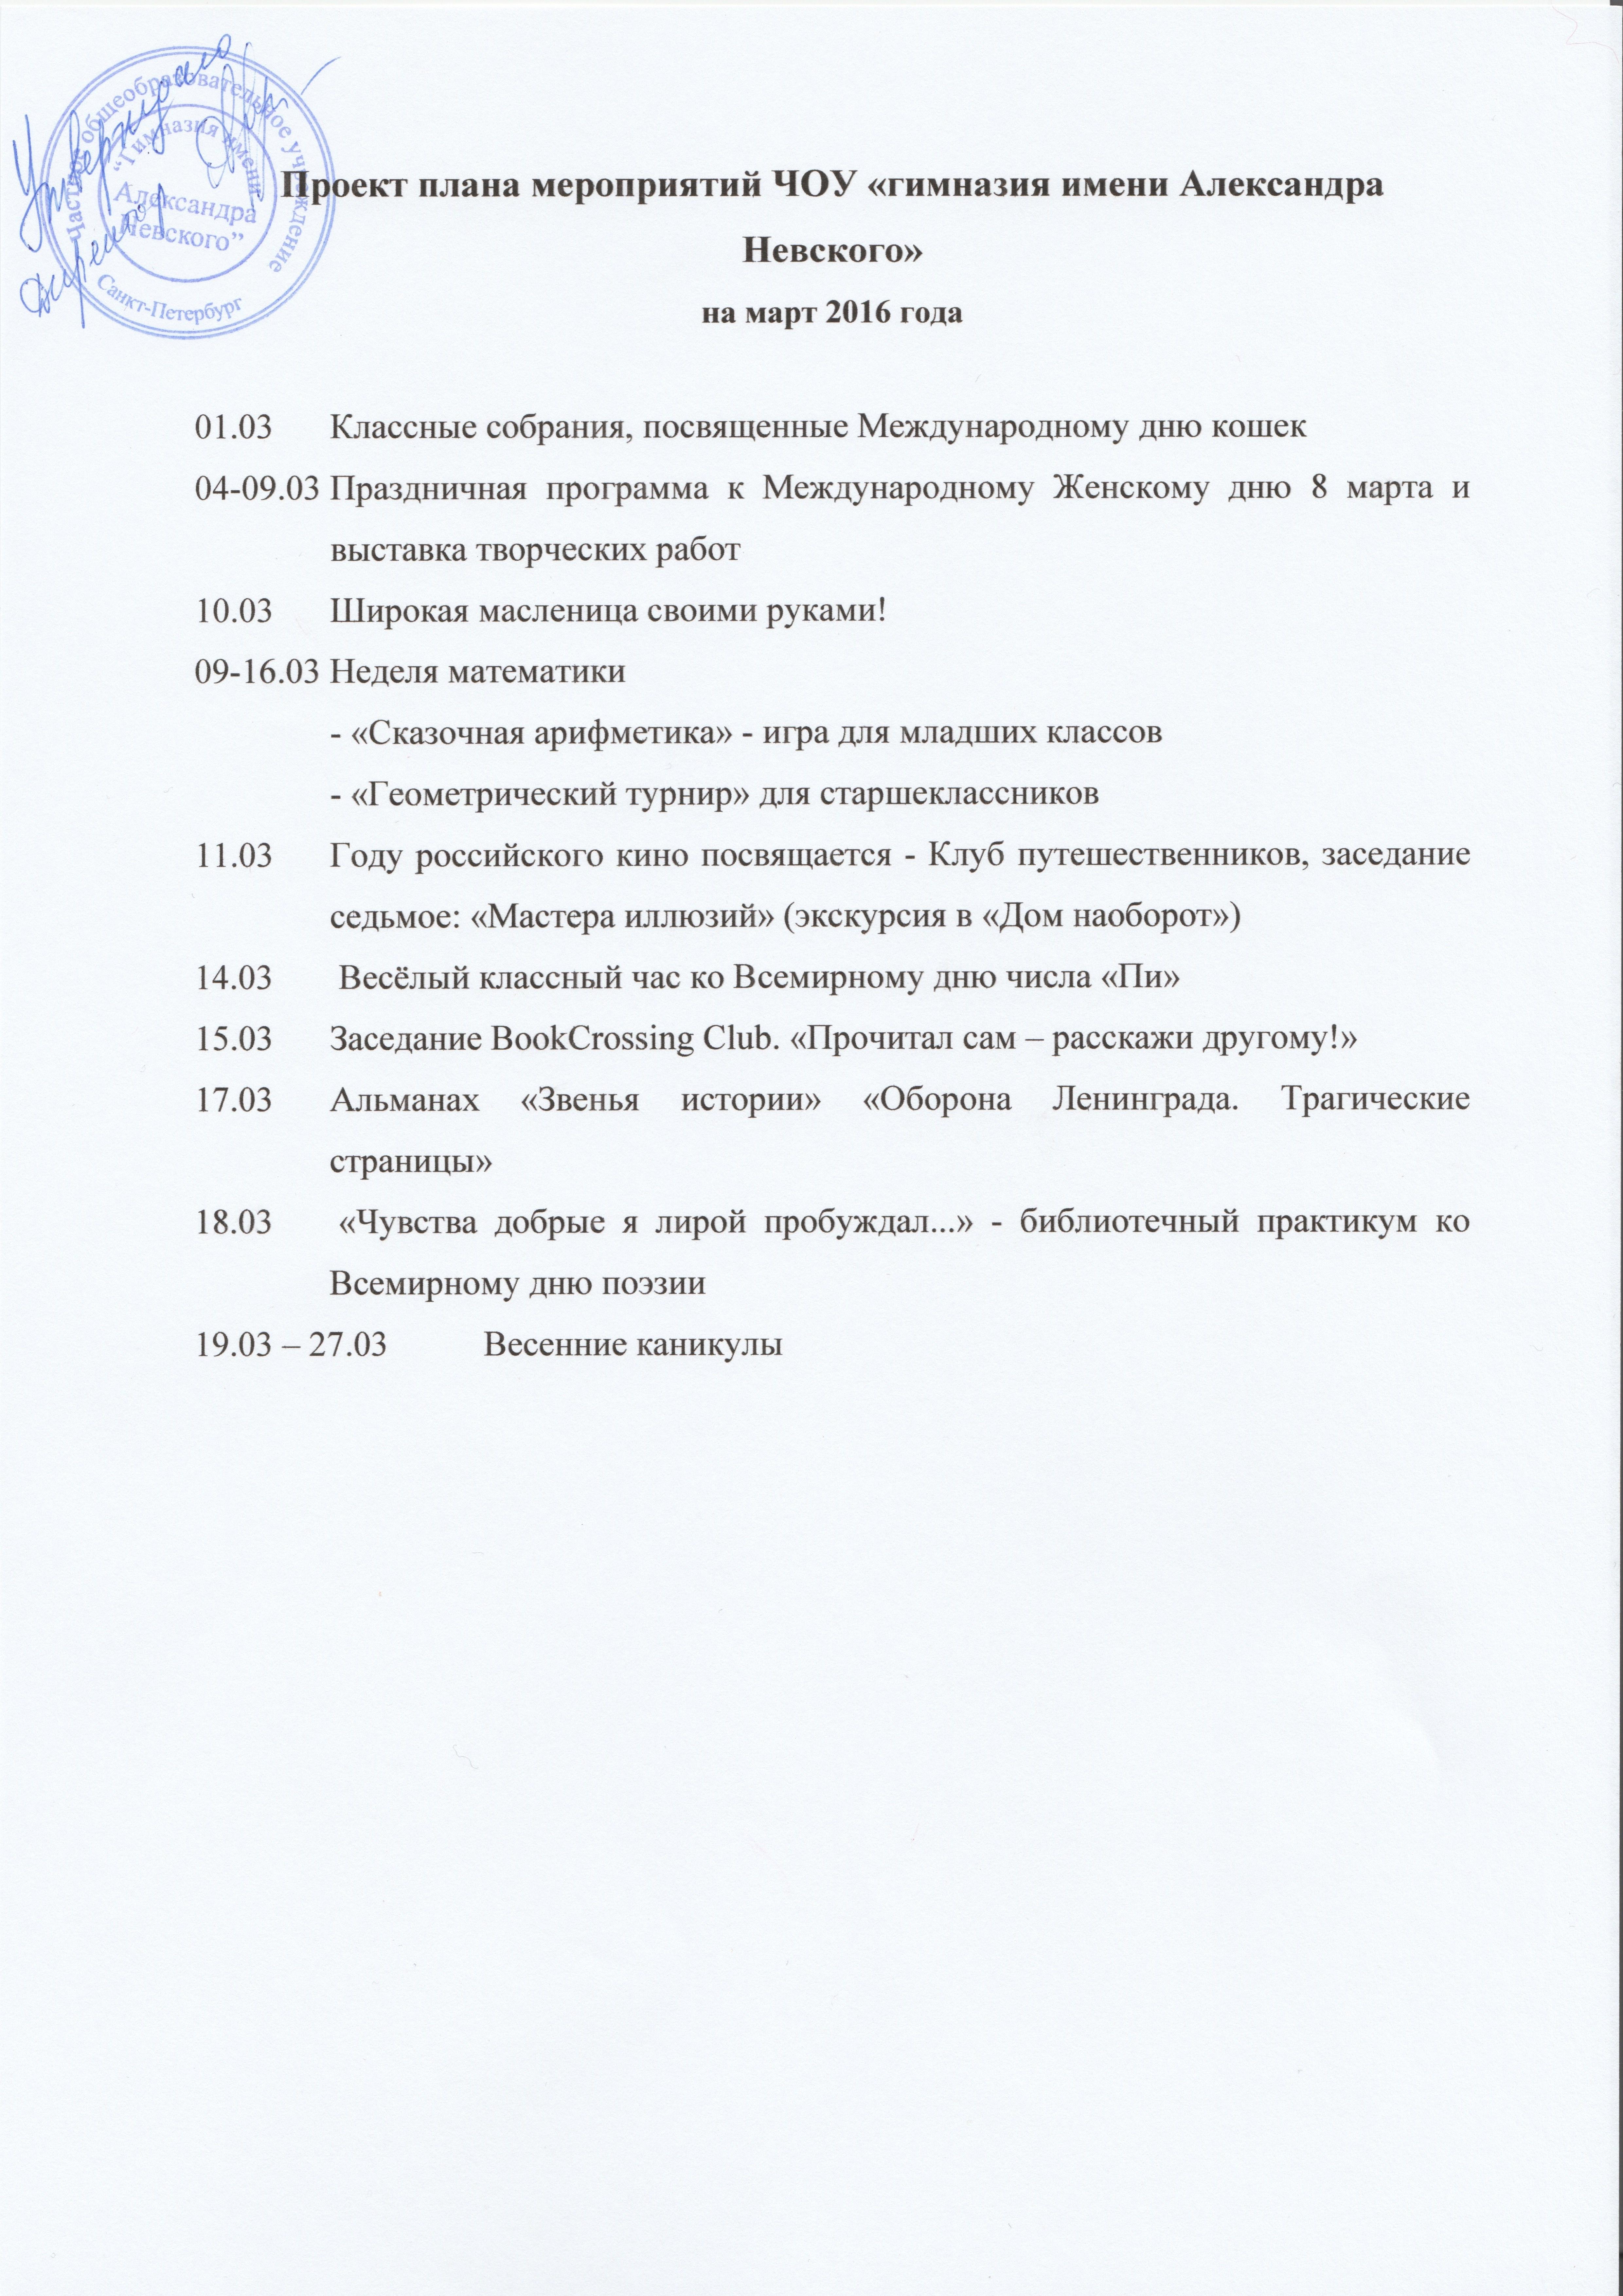 проект плана на март